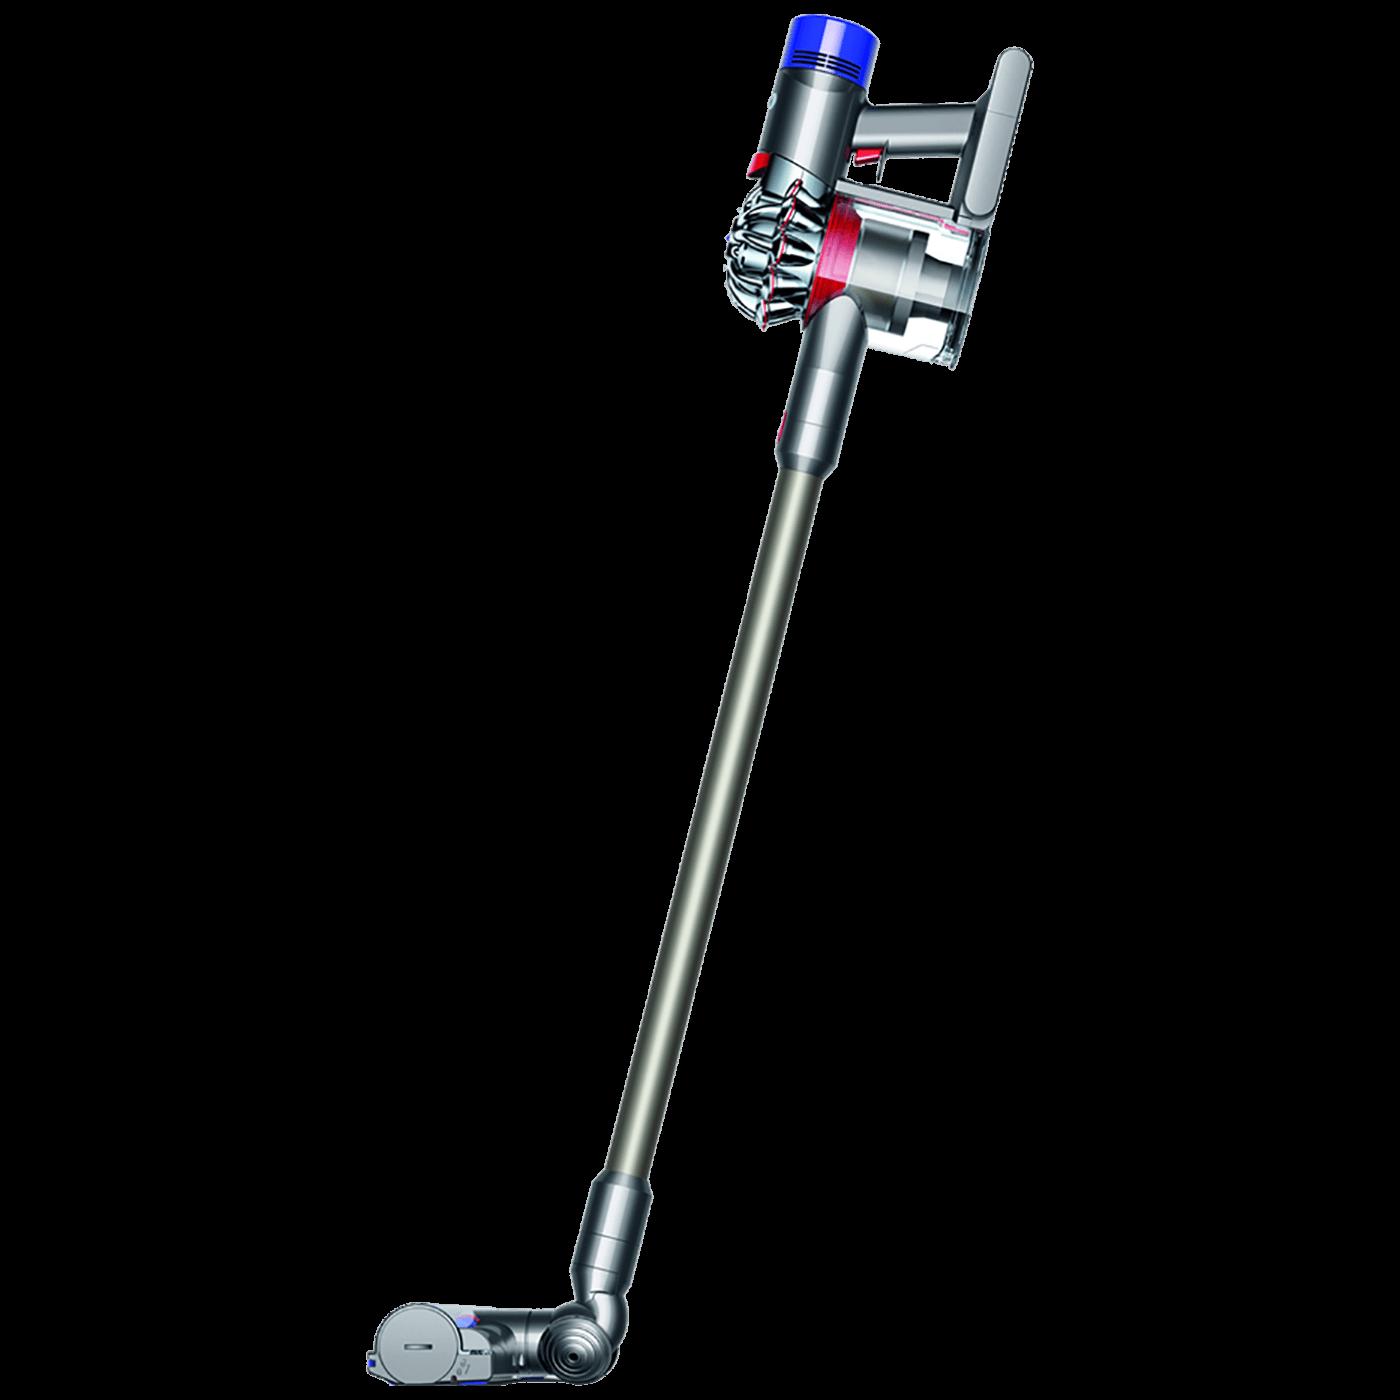 Usisavač ručni, akumulatorski, 2850 mAh